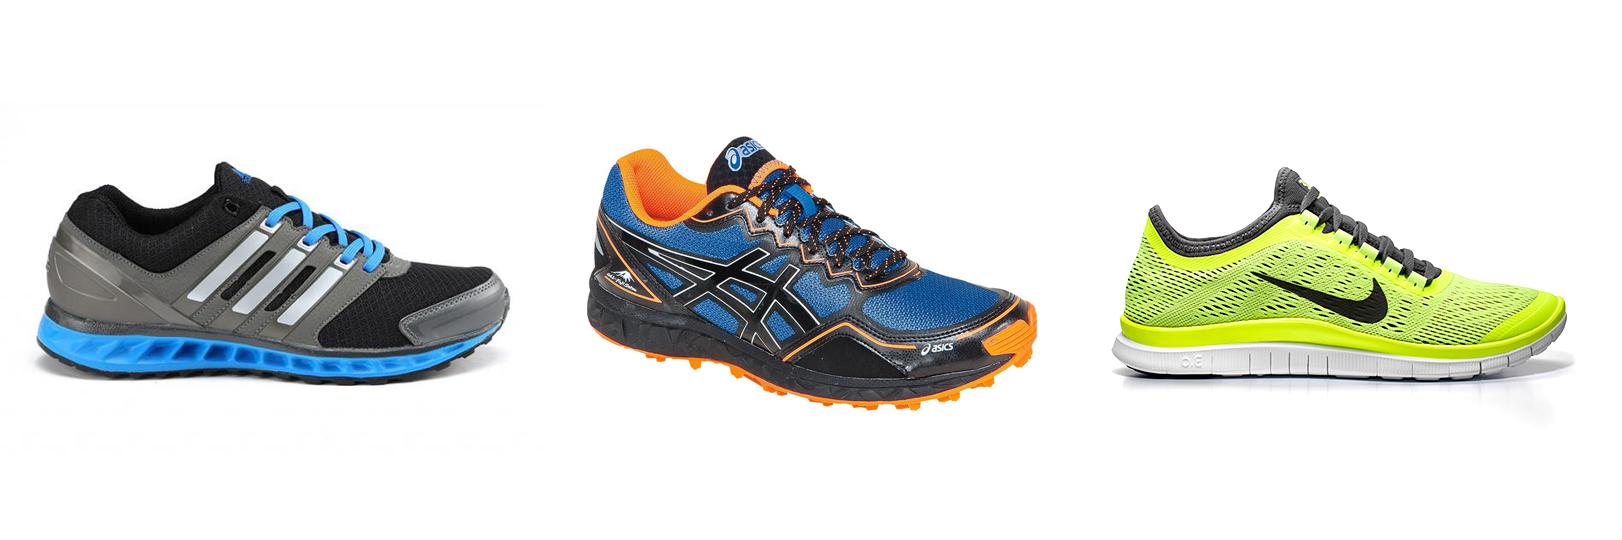 příklady pánských bot - silniční Adidas (Running Shoe 2013) 1806b5d5d0b